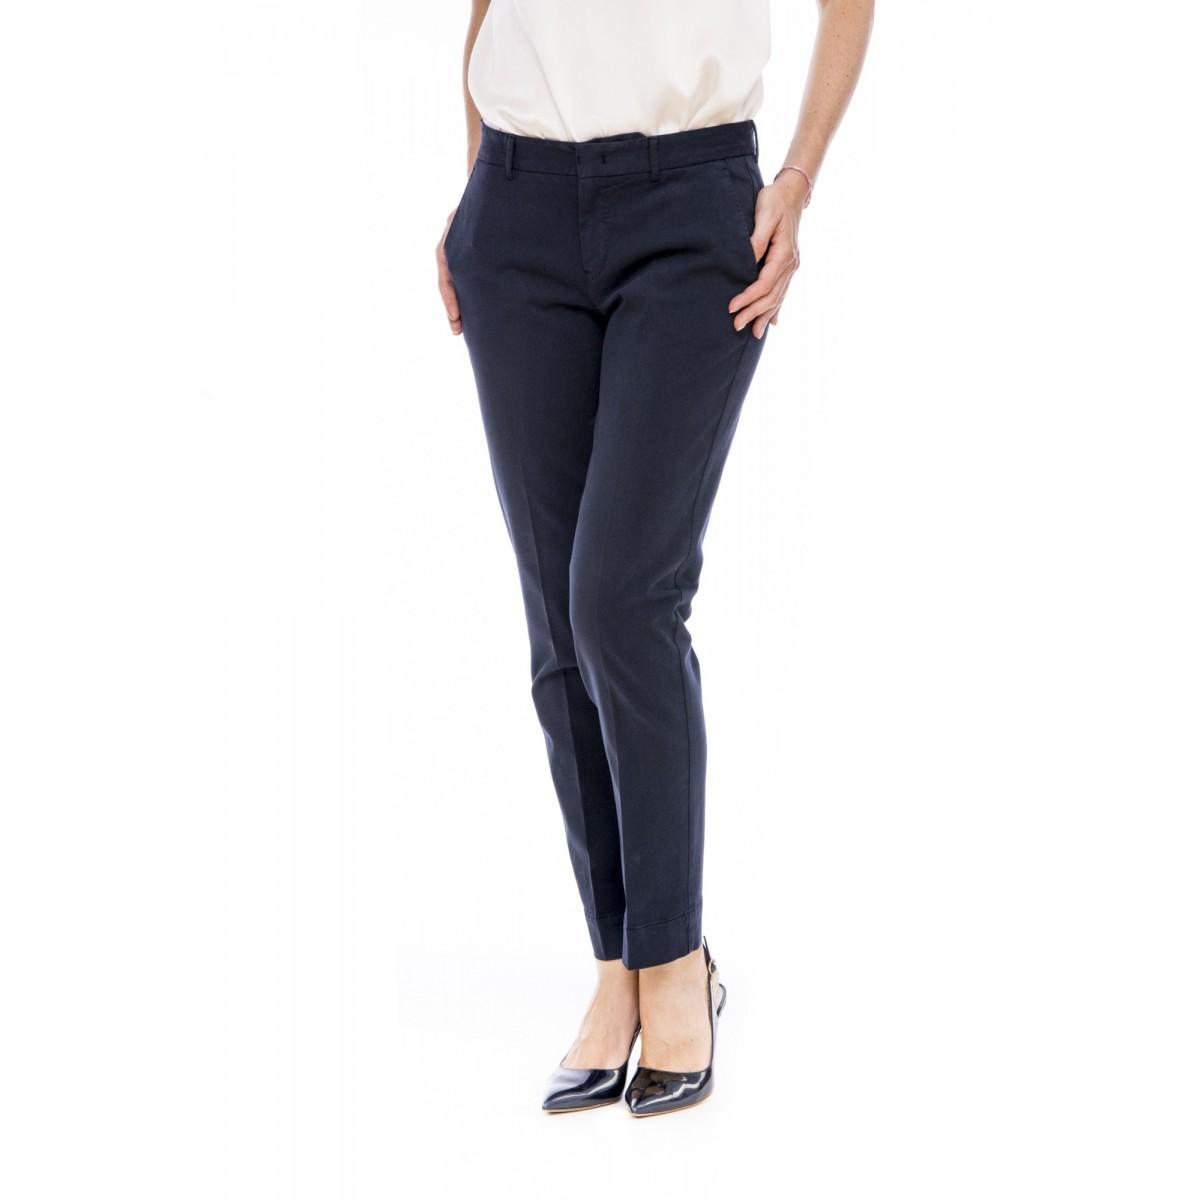 Pantalone donna Pt0w - Cdvtny mx55 cotone strech